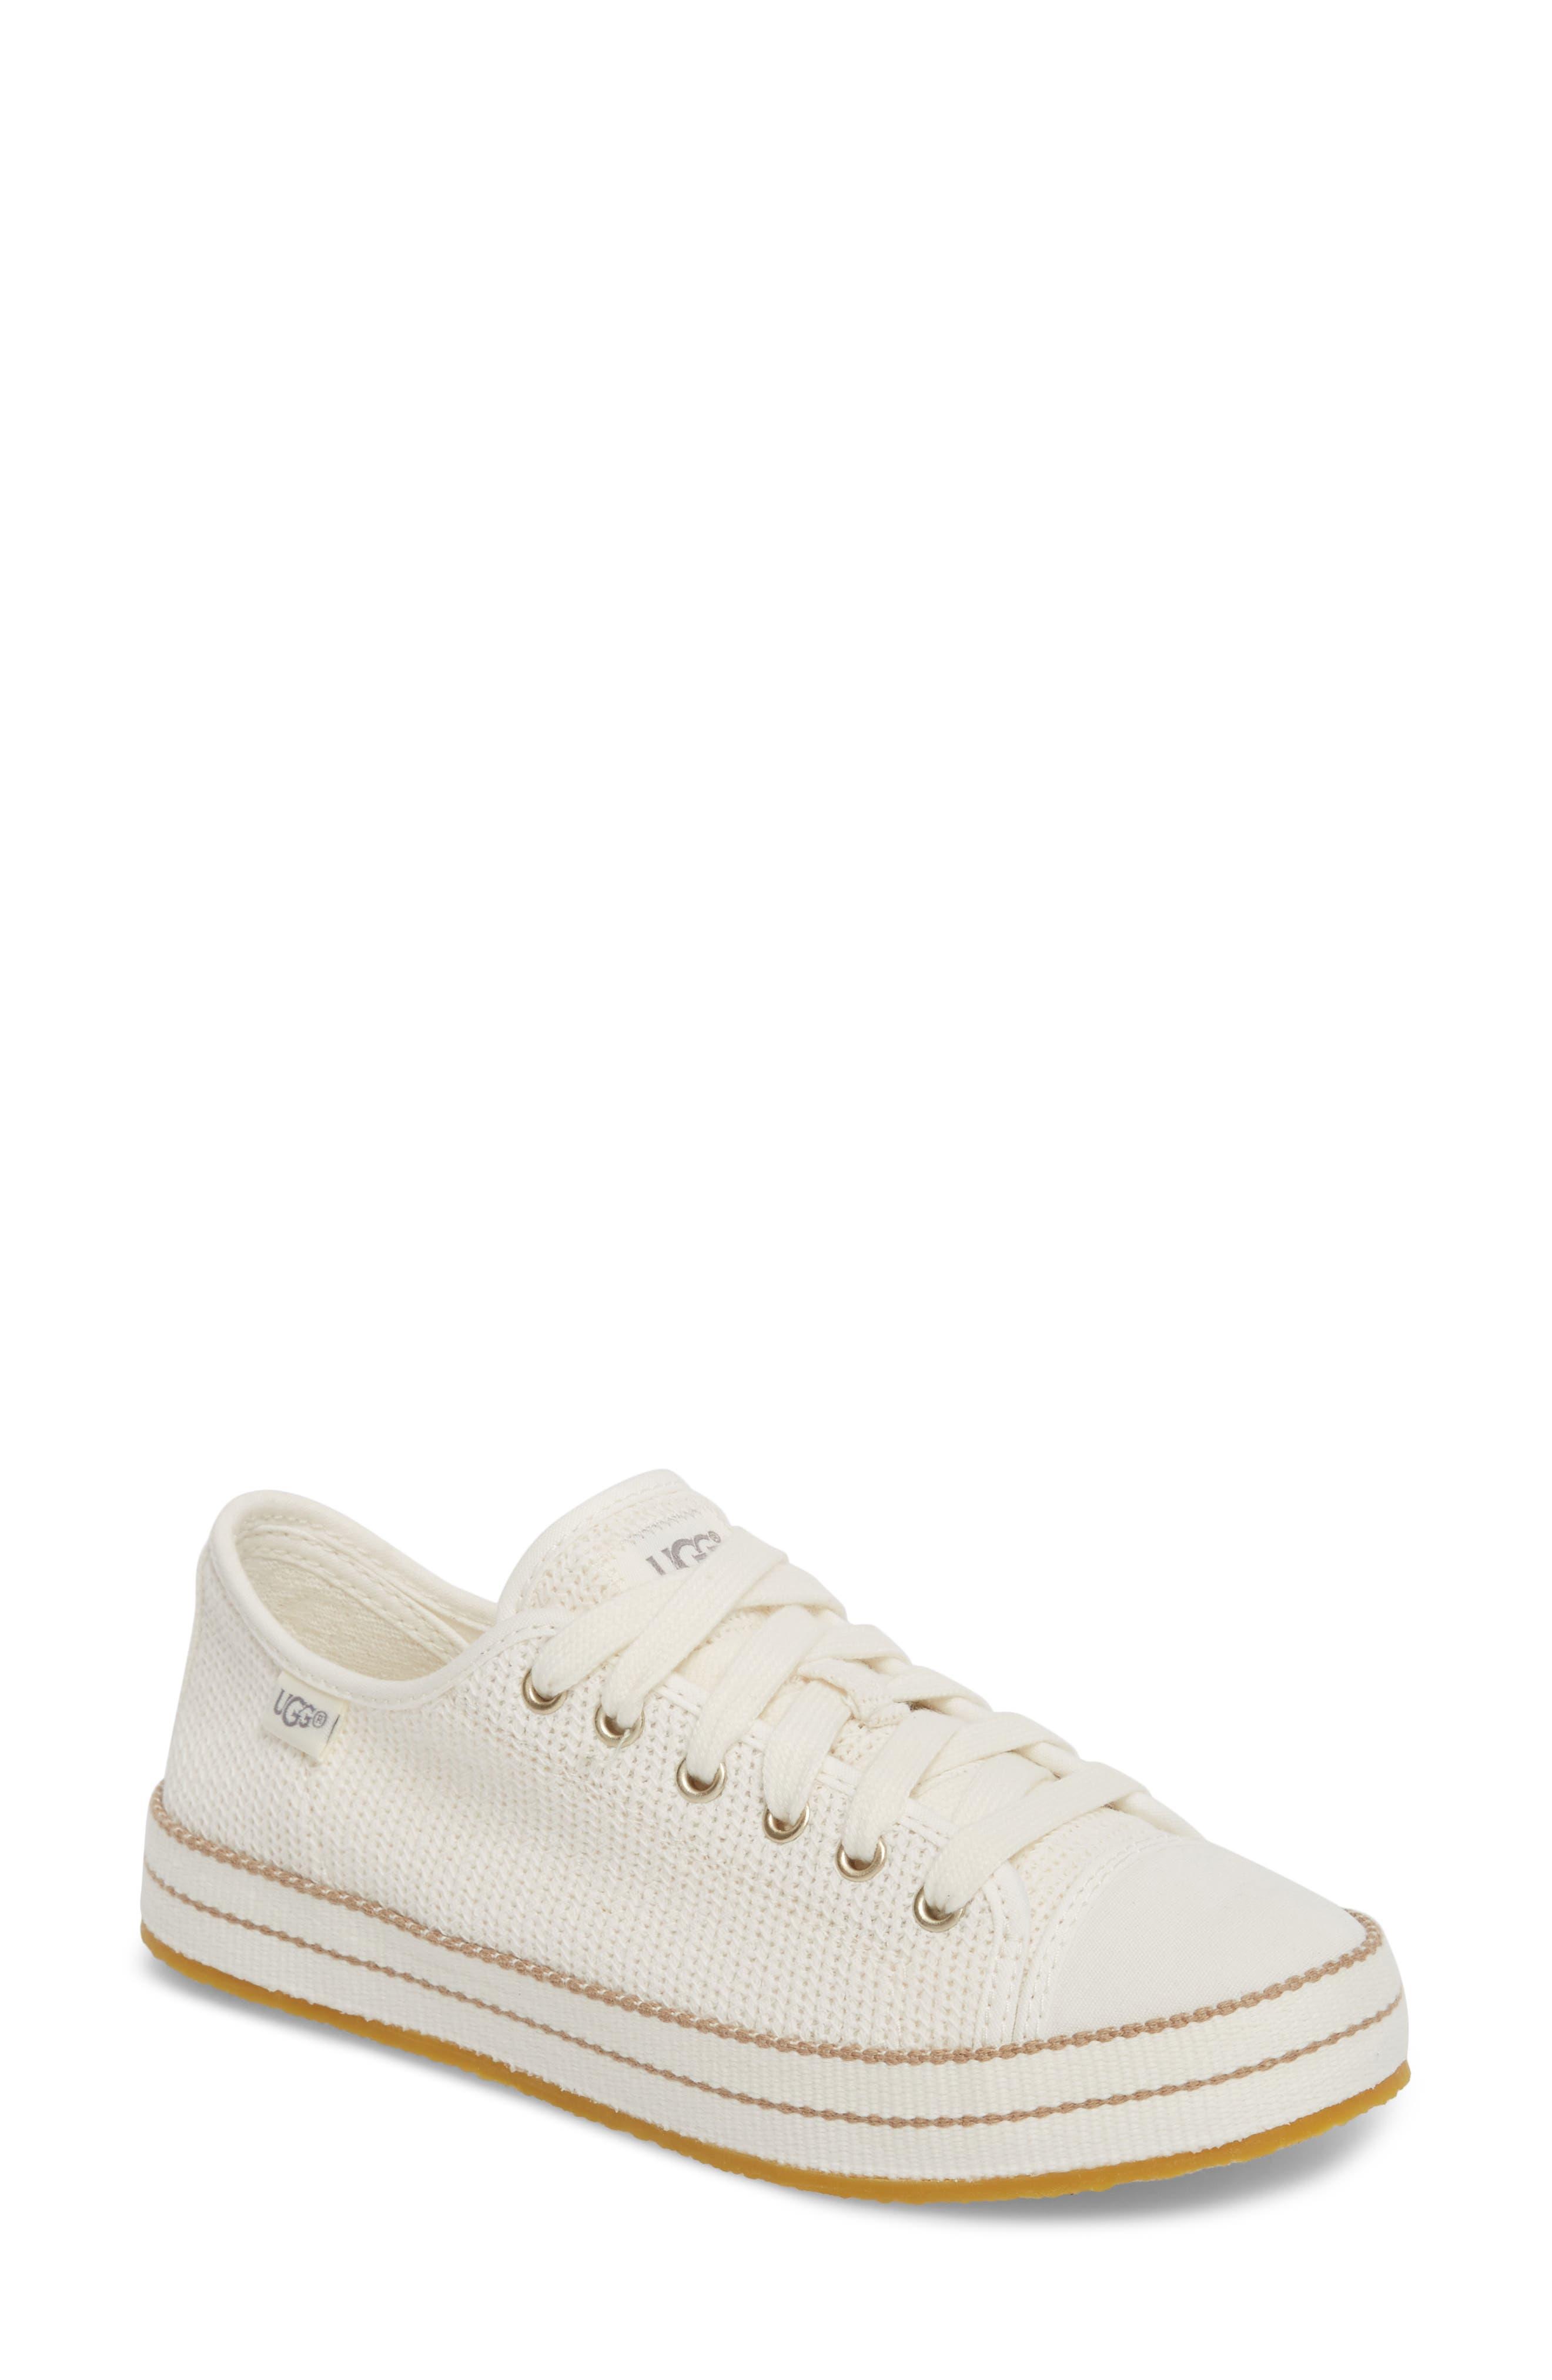 Ugg Claudi Sneaker- White